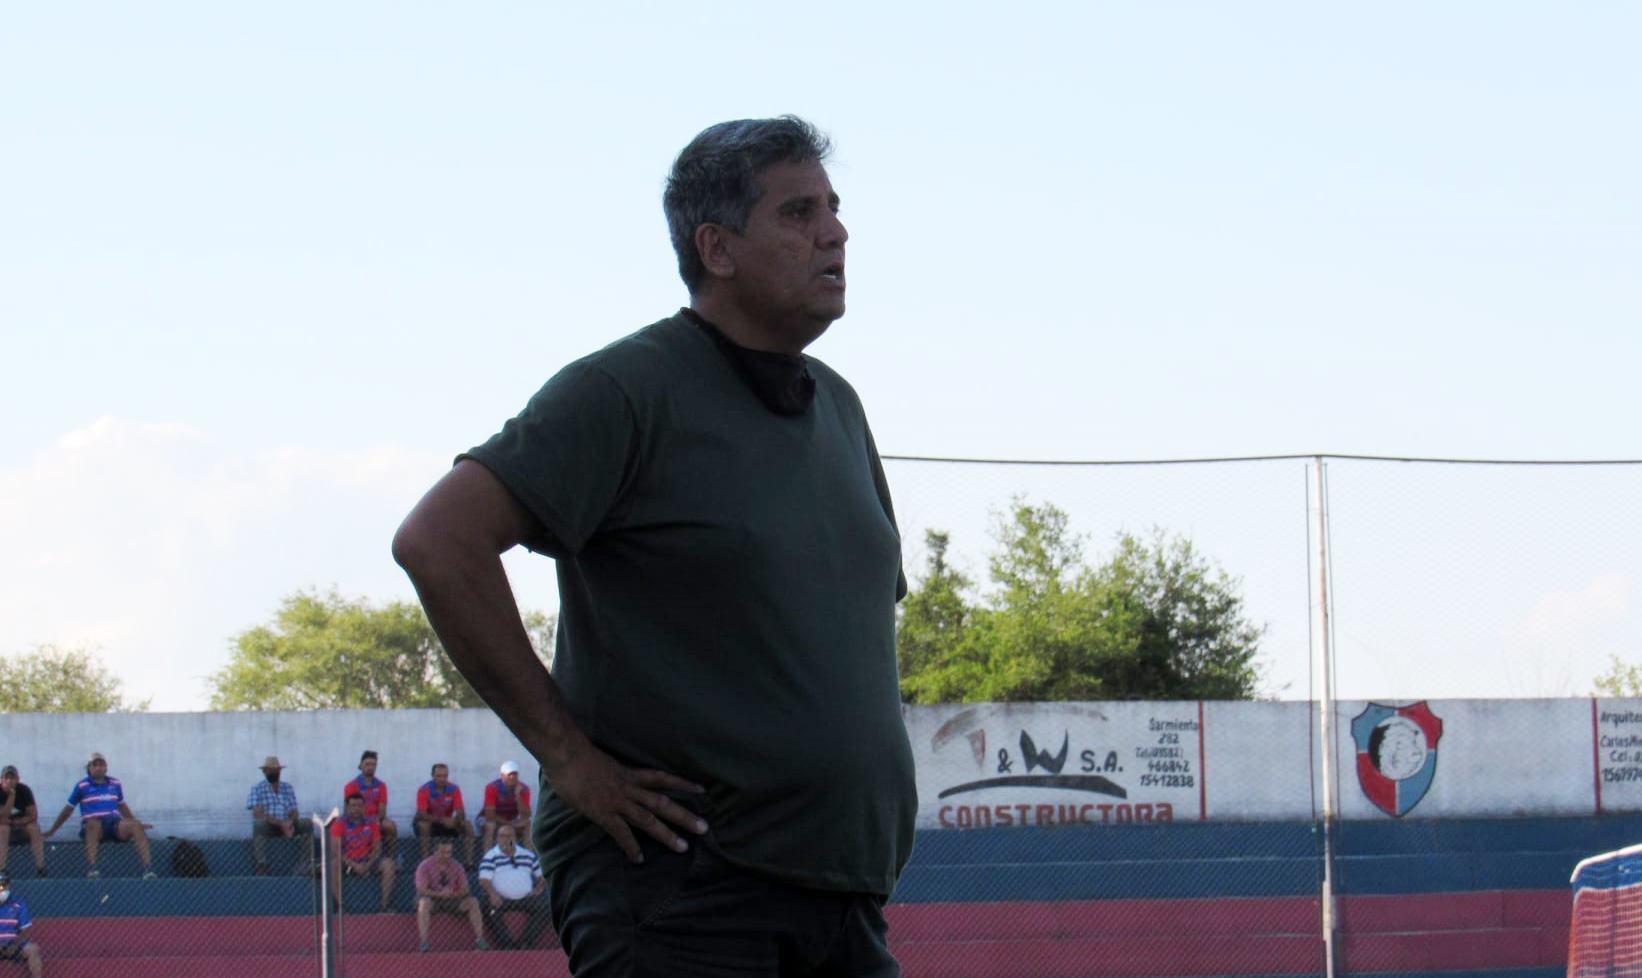 El entrenador de Toro Club se recupera de Covid-19 y entra en los últimos días de aislamiento obligatorio.